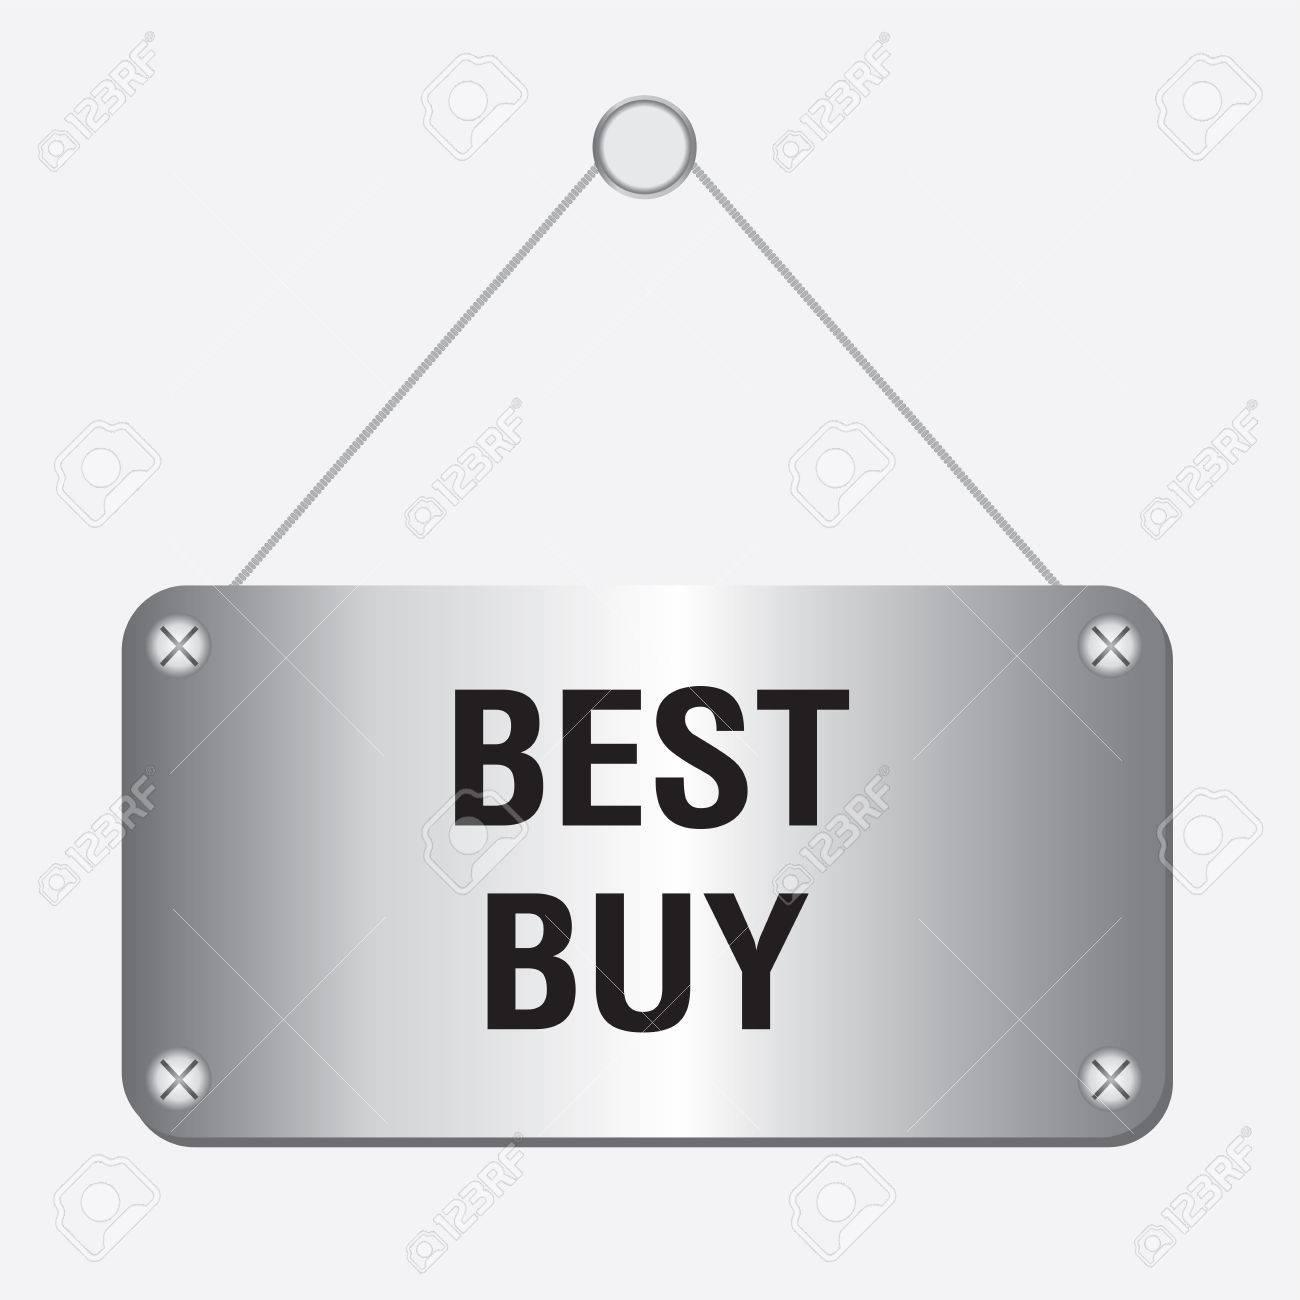 3f9b7ba46226 Plata metálico mejor comprar cartel colgado en la pared